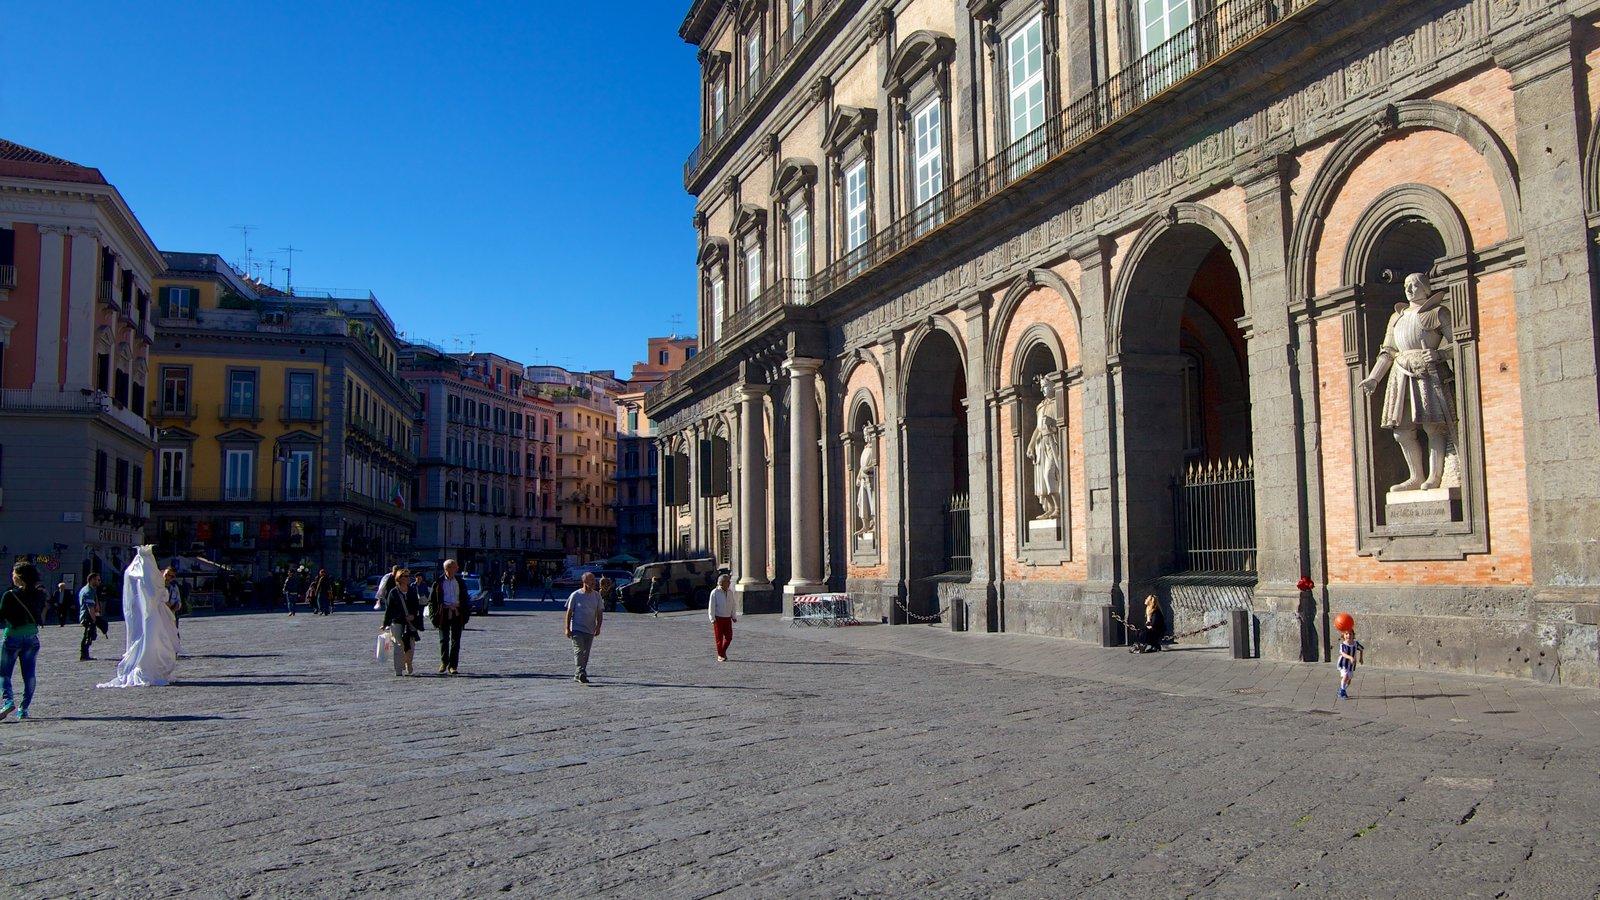 Palazzo Reale que inclui um pequeno castelo ou palácio, elementos de patrimônio e cenas de rua